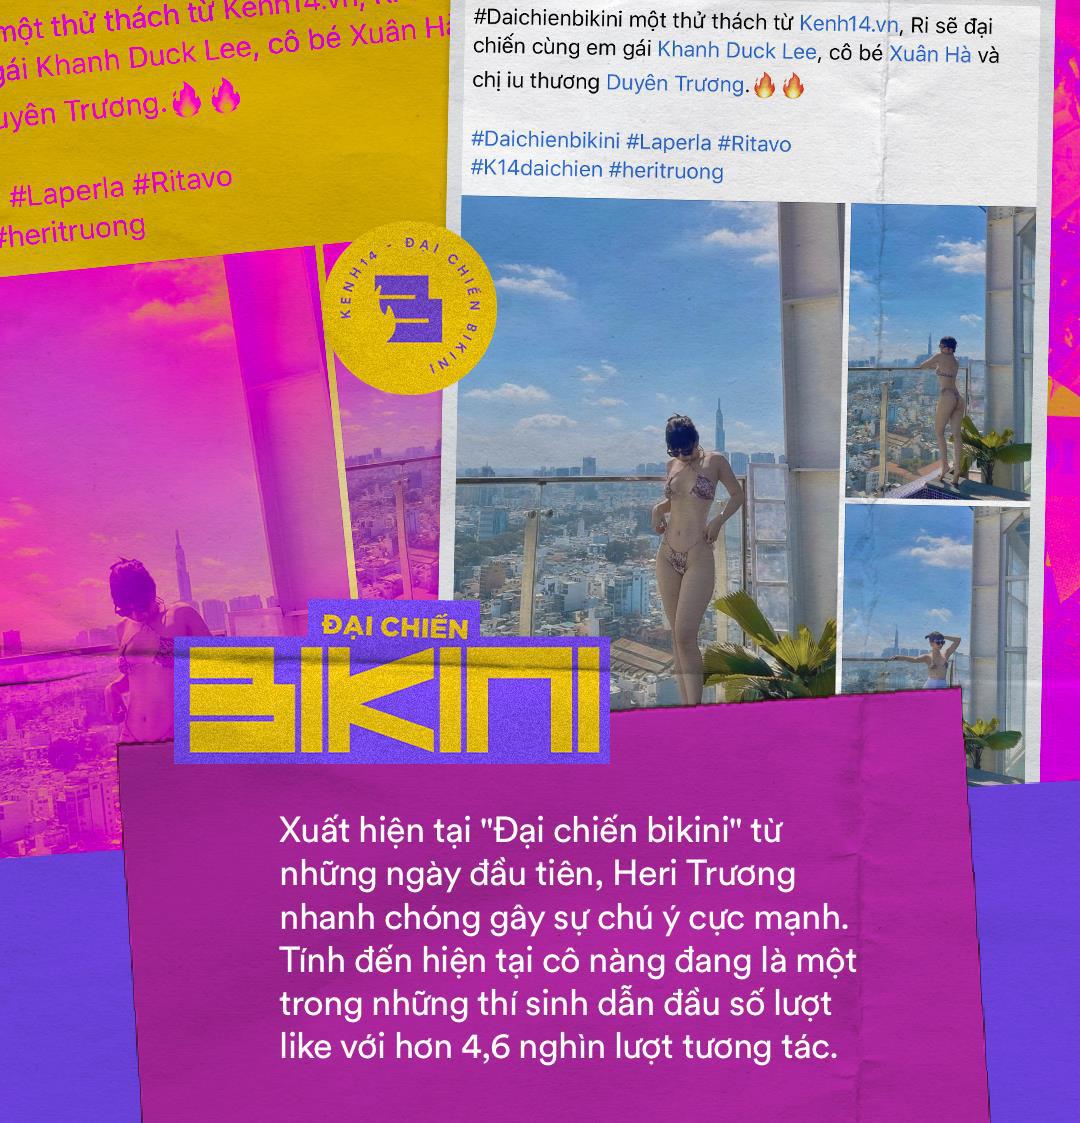 Minigame Đại chiến bikini xuất hiện thí sinh đáng gờm: Sở hữu body xịn xò, ai nhìn cũng ước được thả tim dăm bảy lần - Ảnh 2.